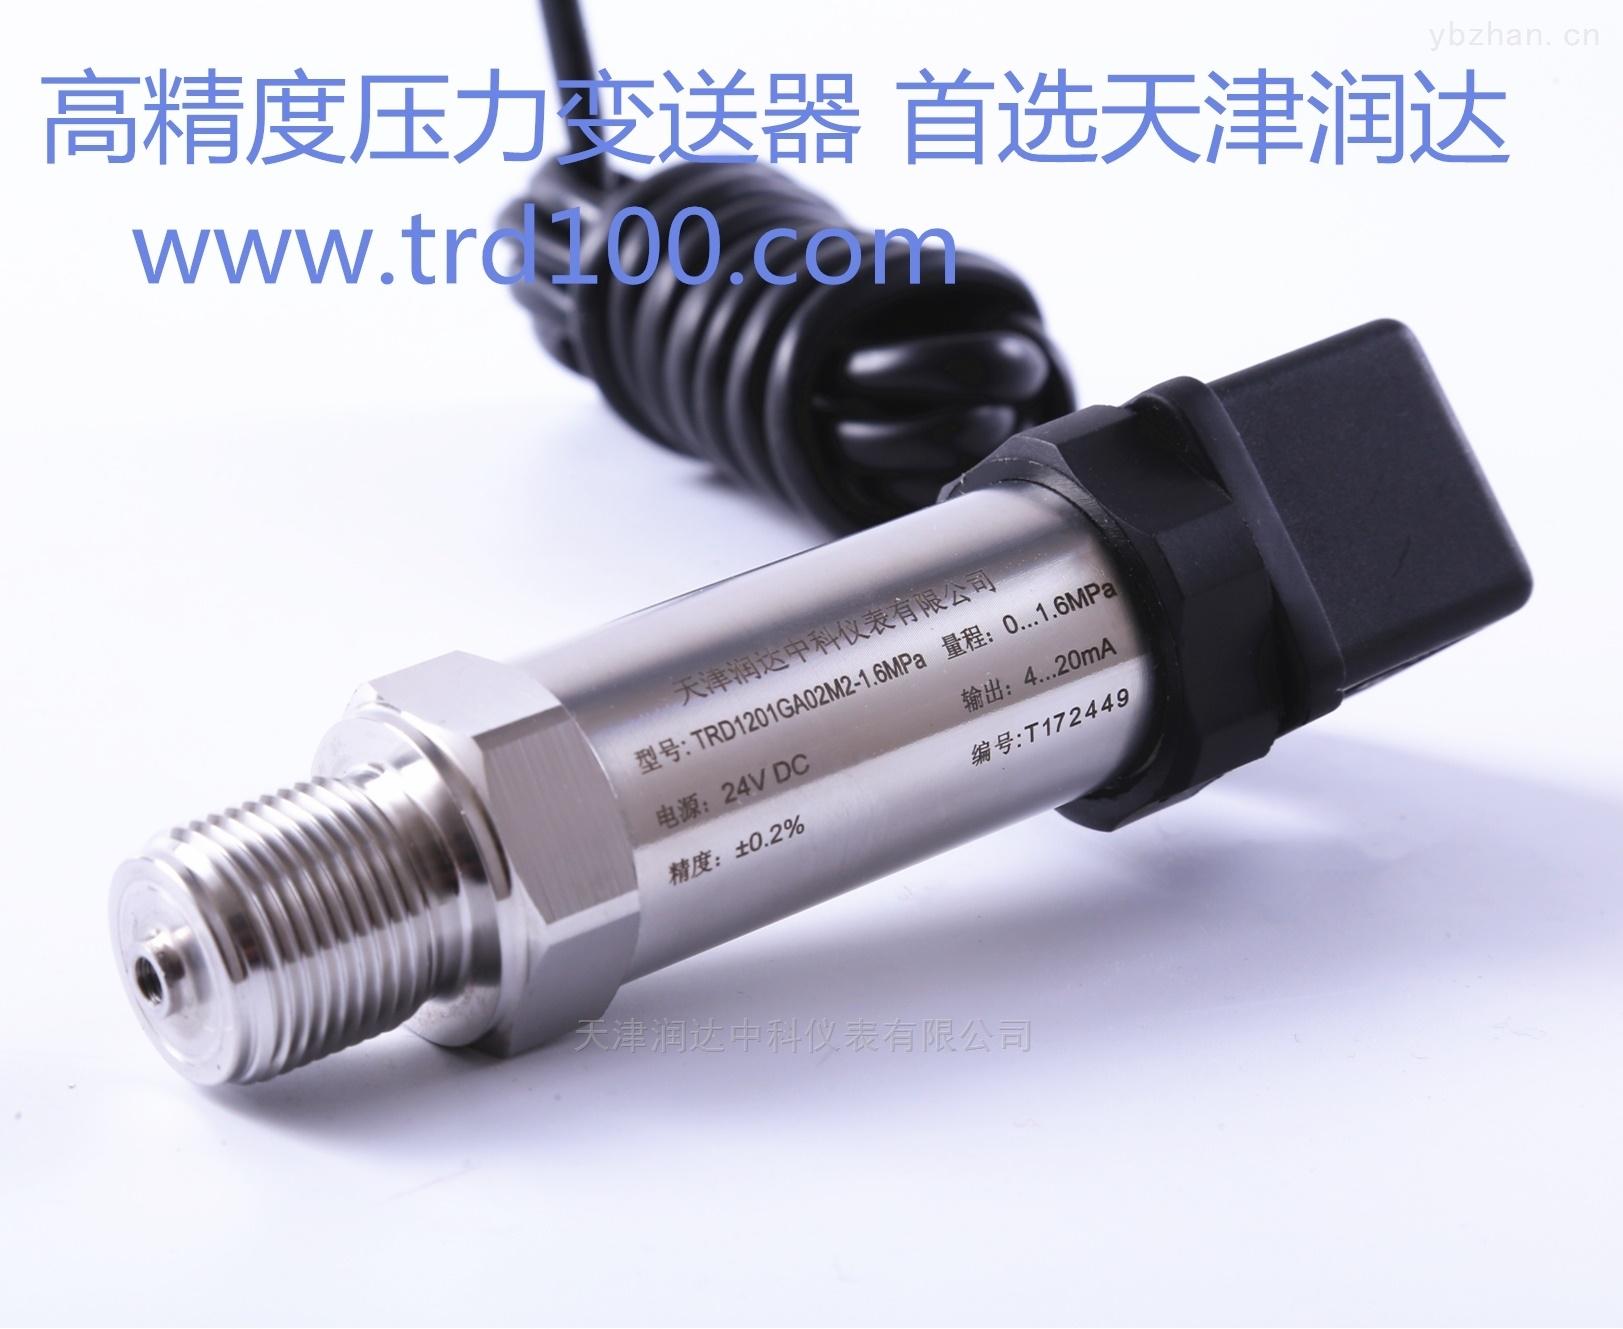 TRD120-天津压力变送器